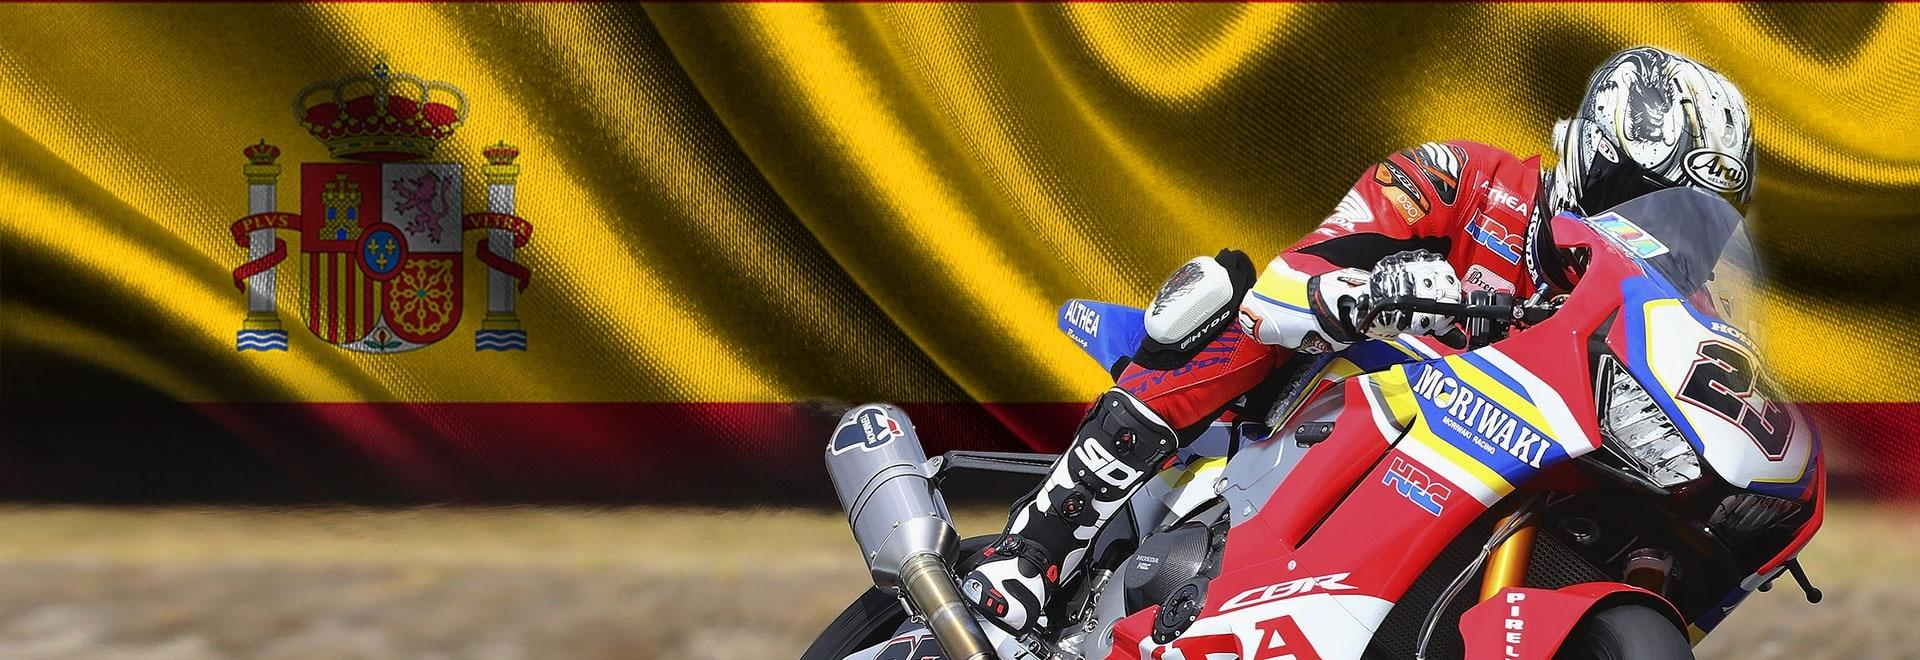 Spagna. Superpole Race